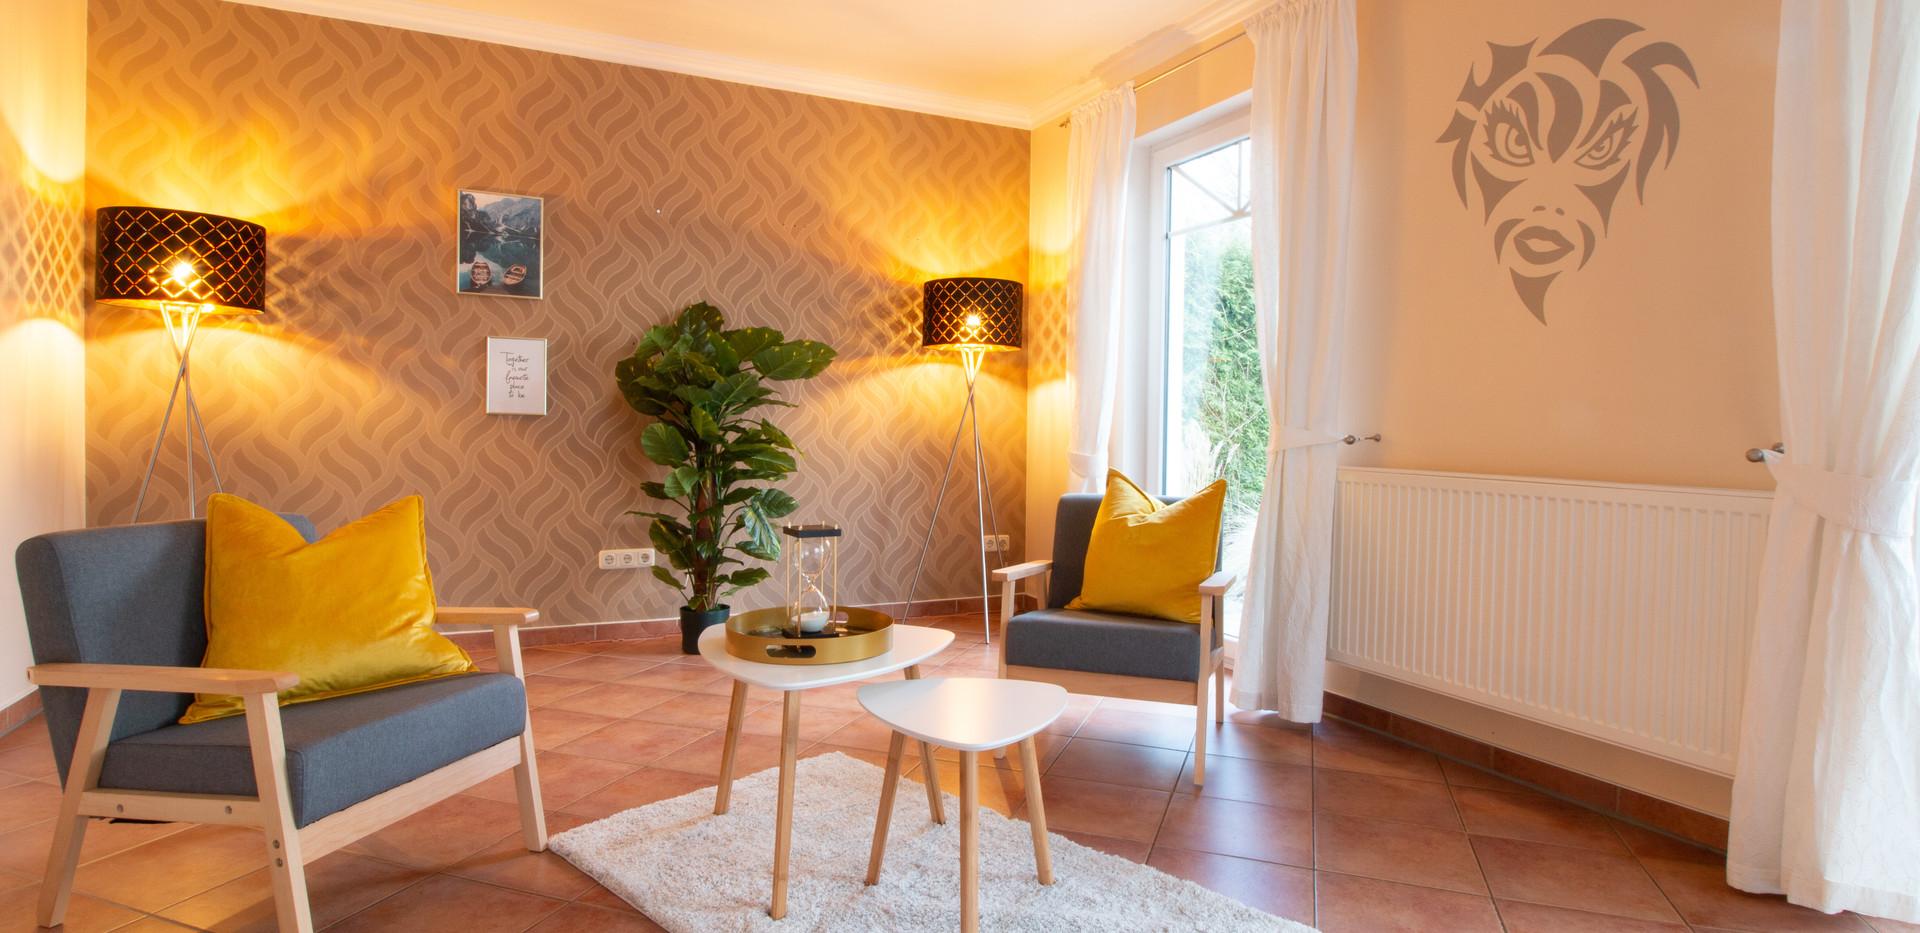 Wohnzimmer nach Homestaging